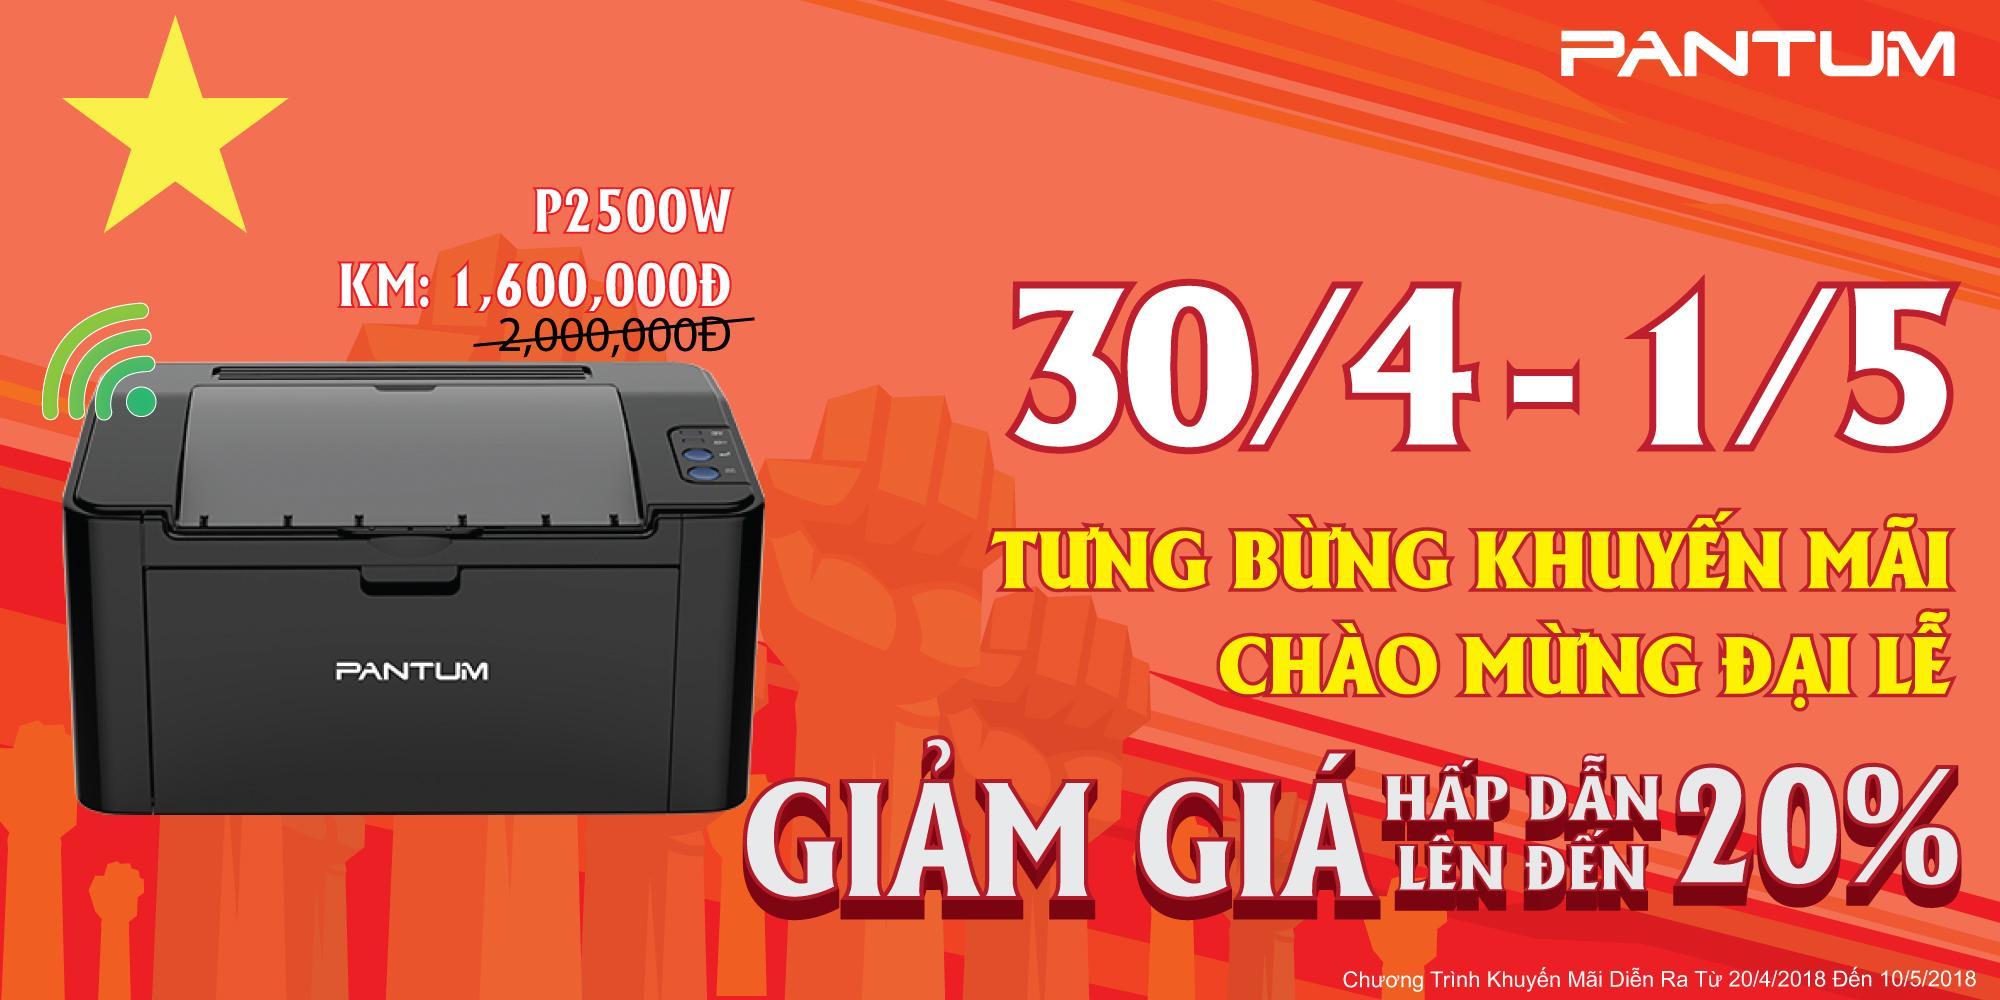 Bán Mua May In Laser Đơn Sắc Pantum P2500W Mới Hồ Chí Minh